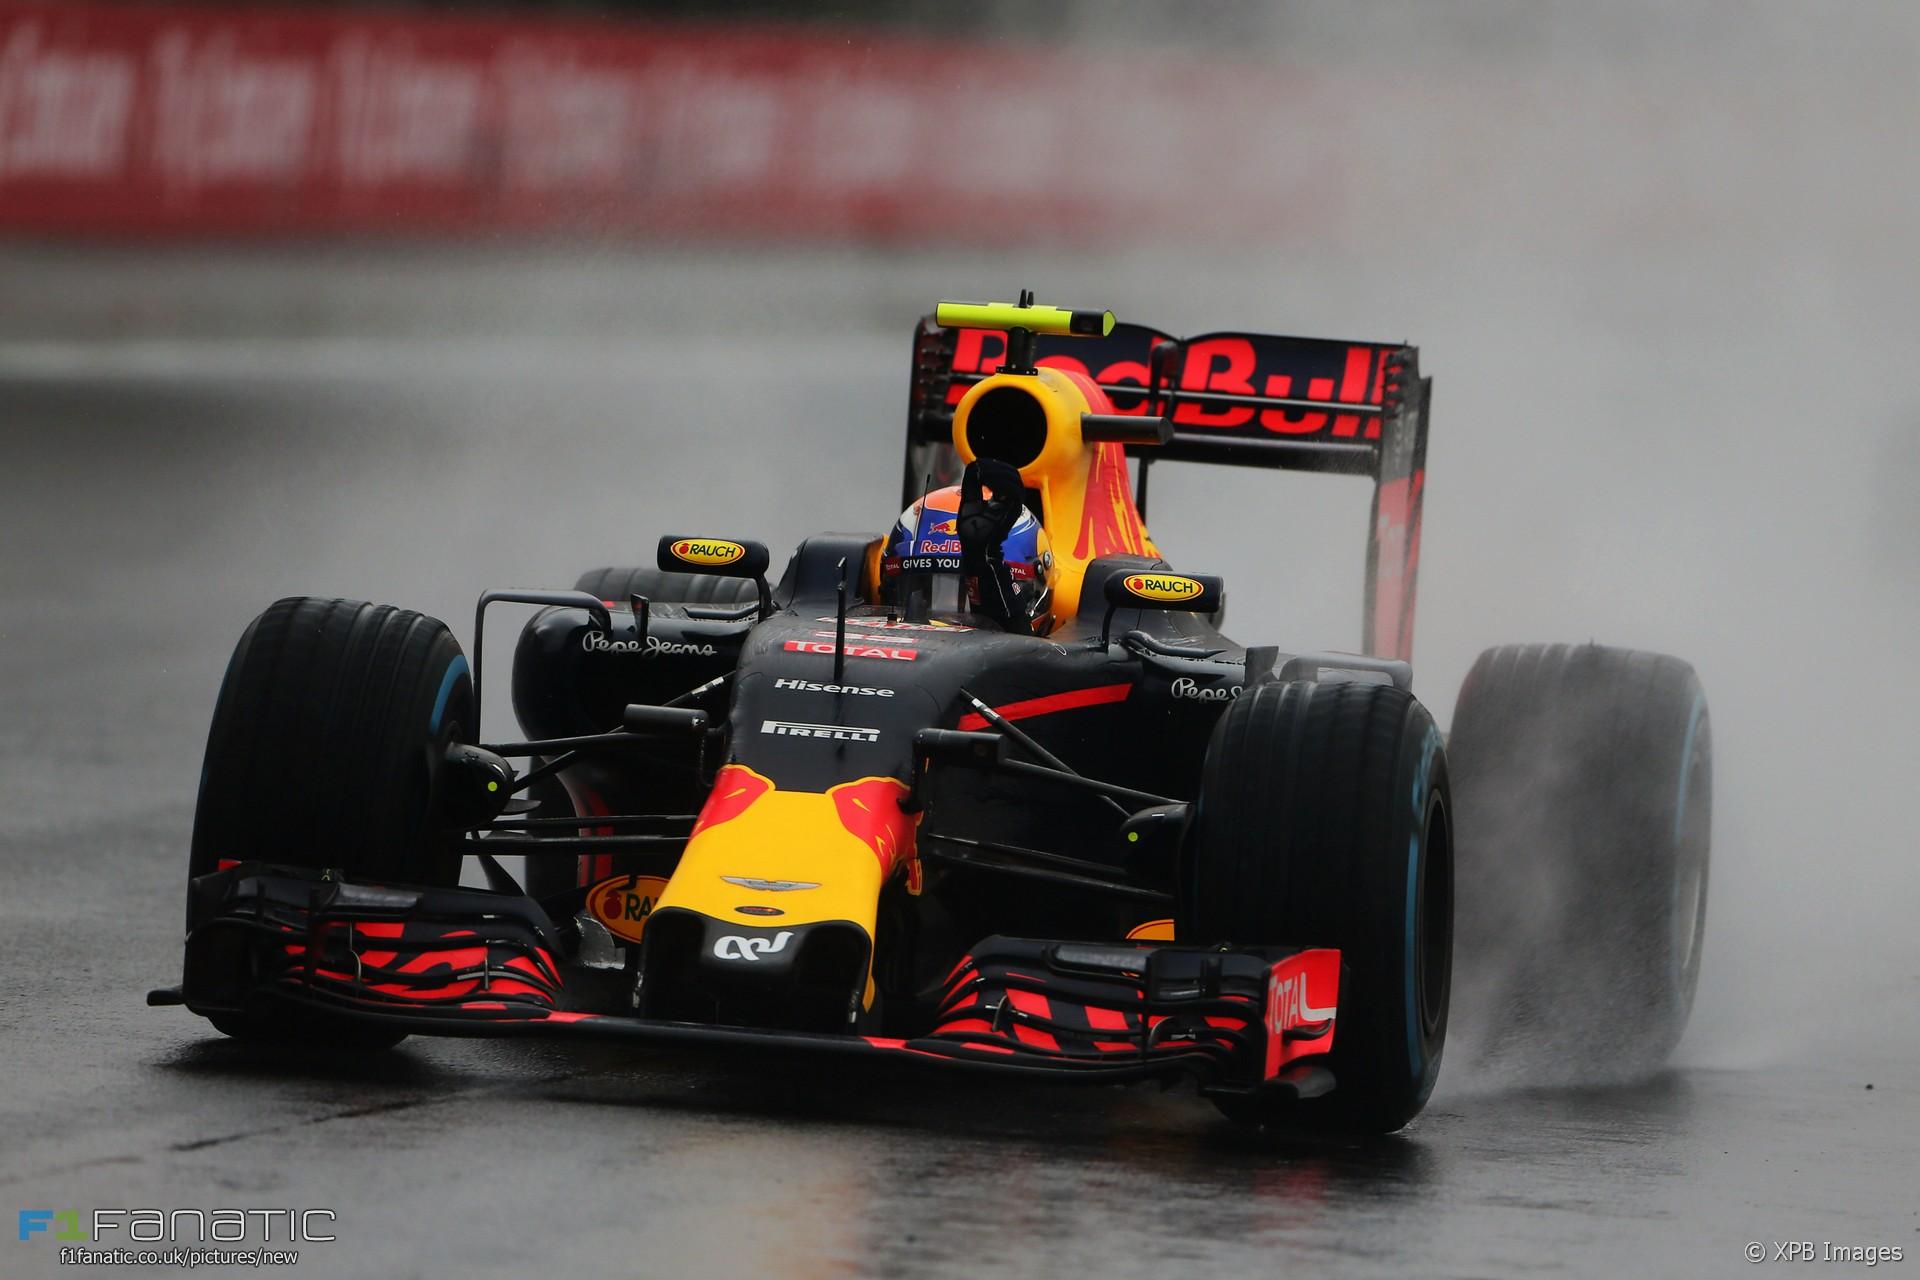 Max Verstappen, Red Bull, Interlagos, 2016